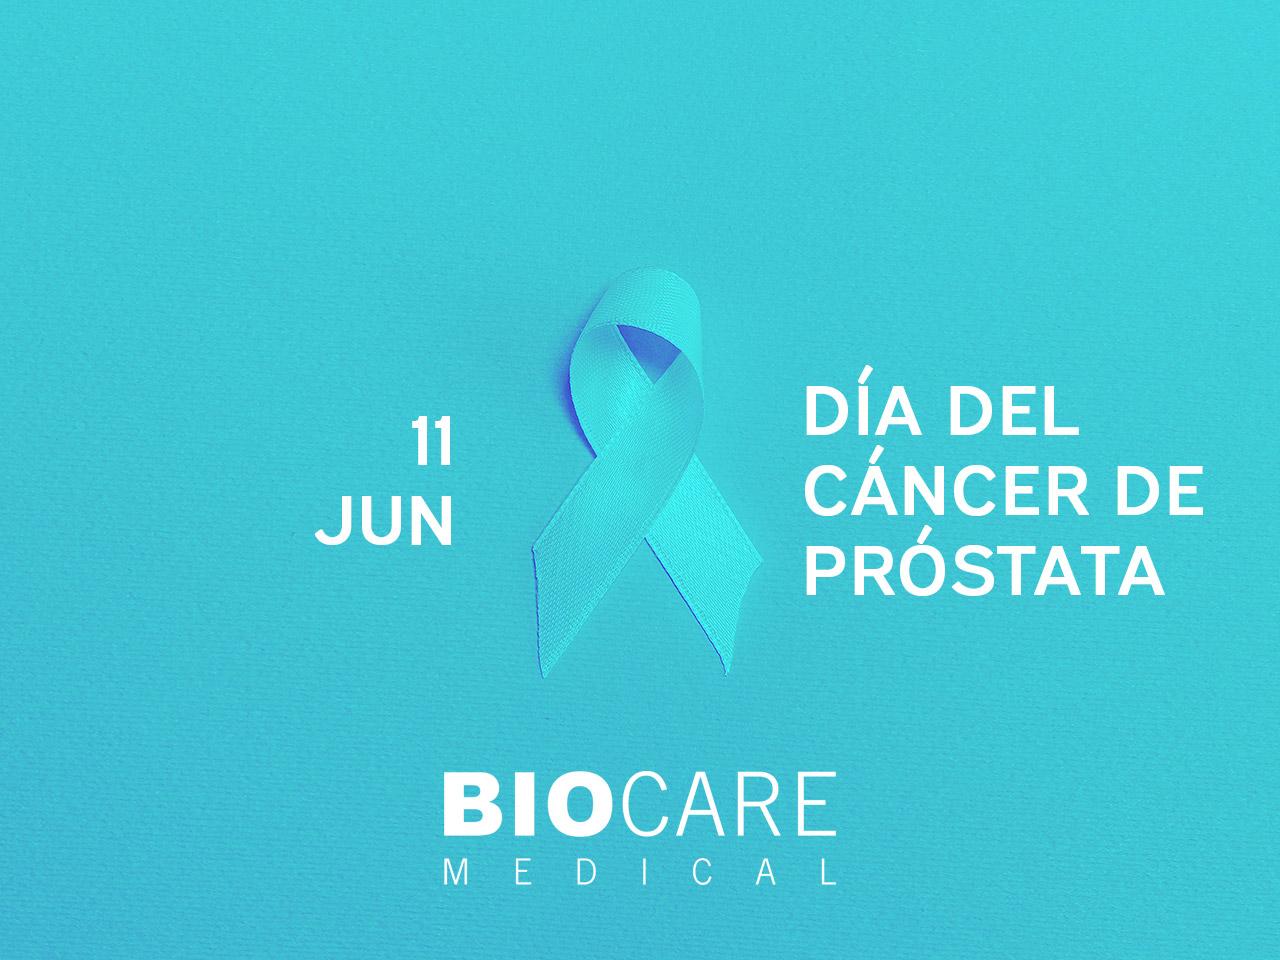 Día del cáncer de próstata